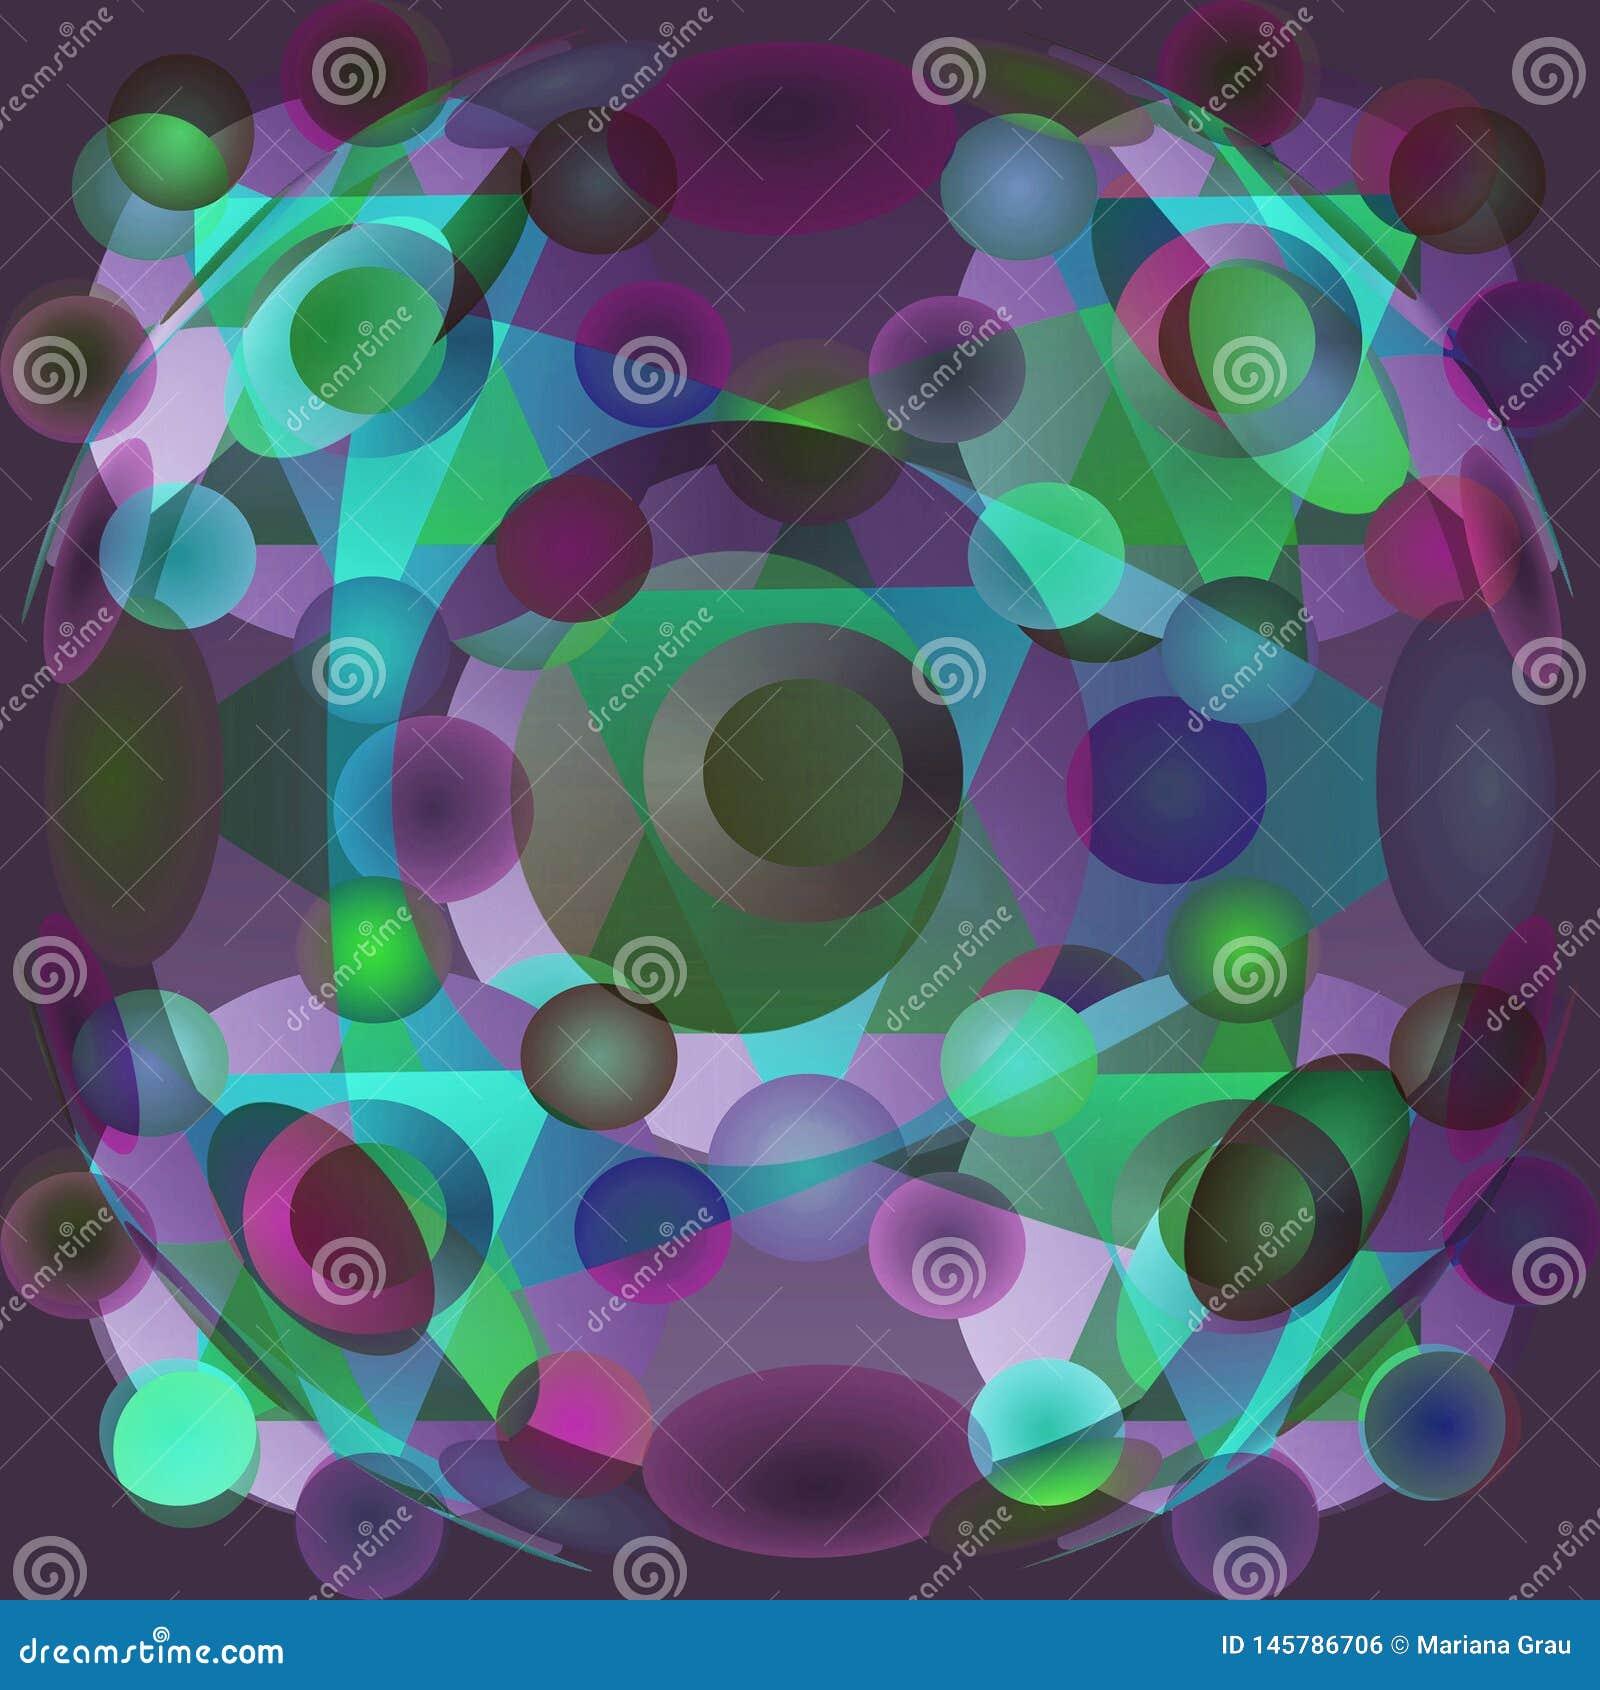 圈子坛场、辐形坛场与蓝色,紫色、绿松石和绿色圈子,平面紫色BACKGRAOUND 绿松石三角